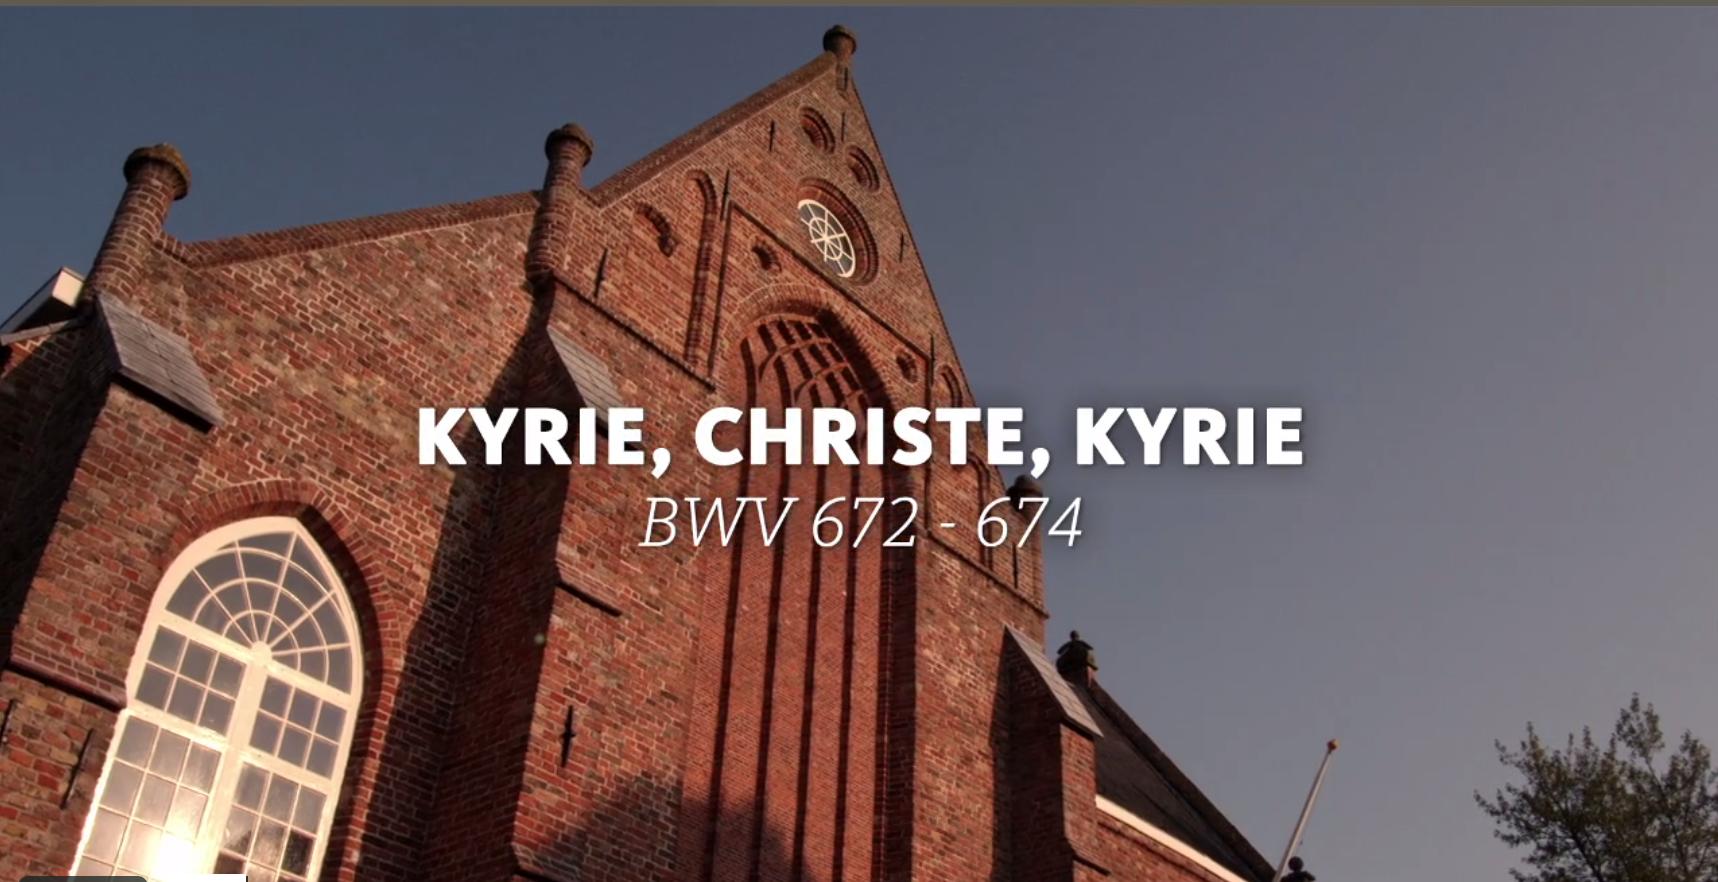 ALL OF BACH BWV 672 673 674  Kyrie Christ Kyrie